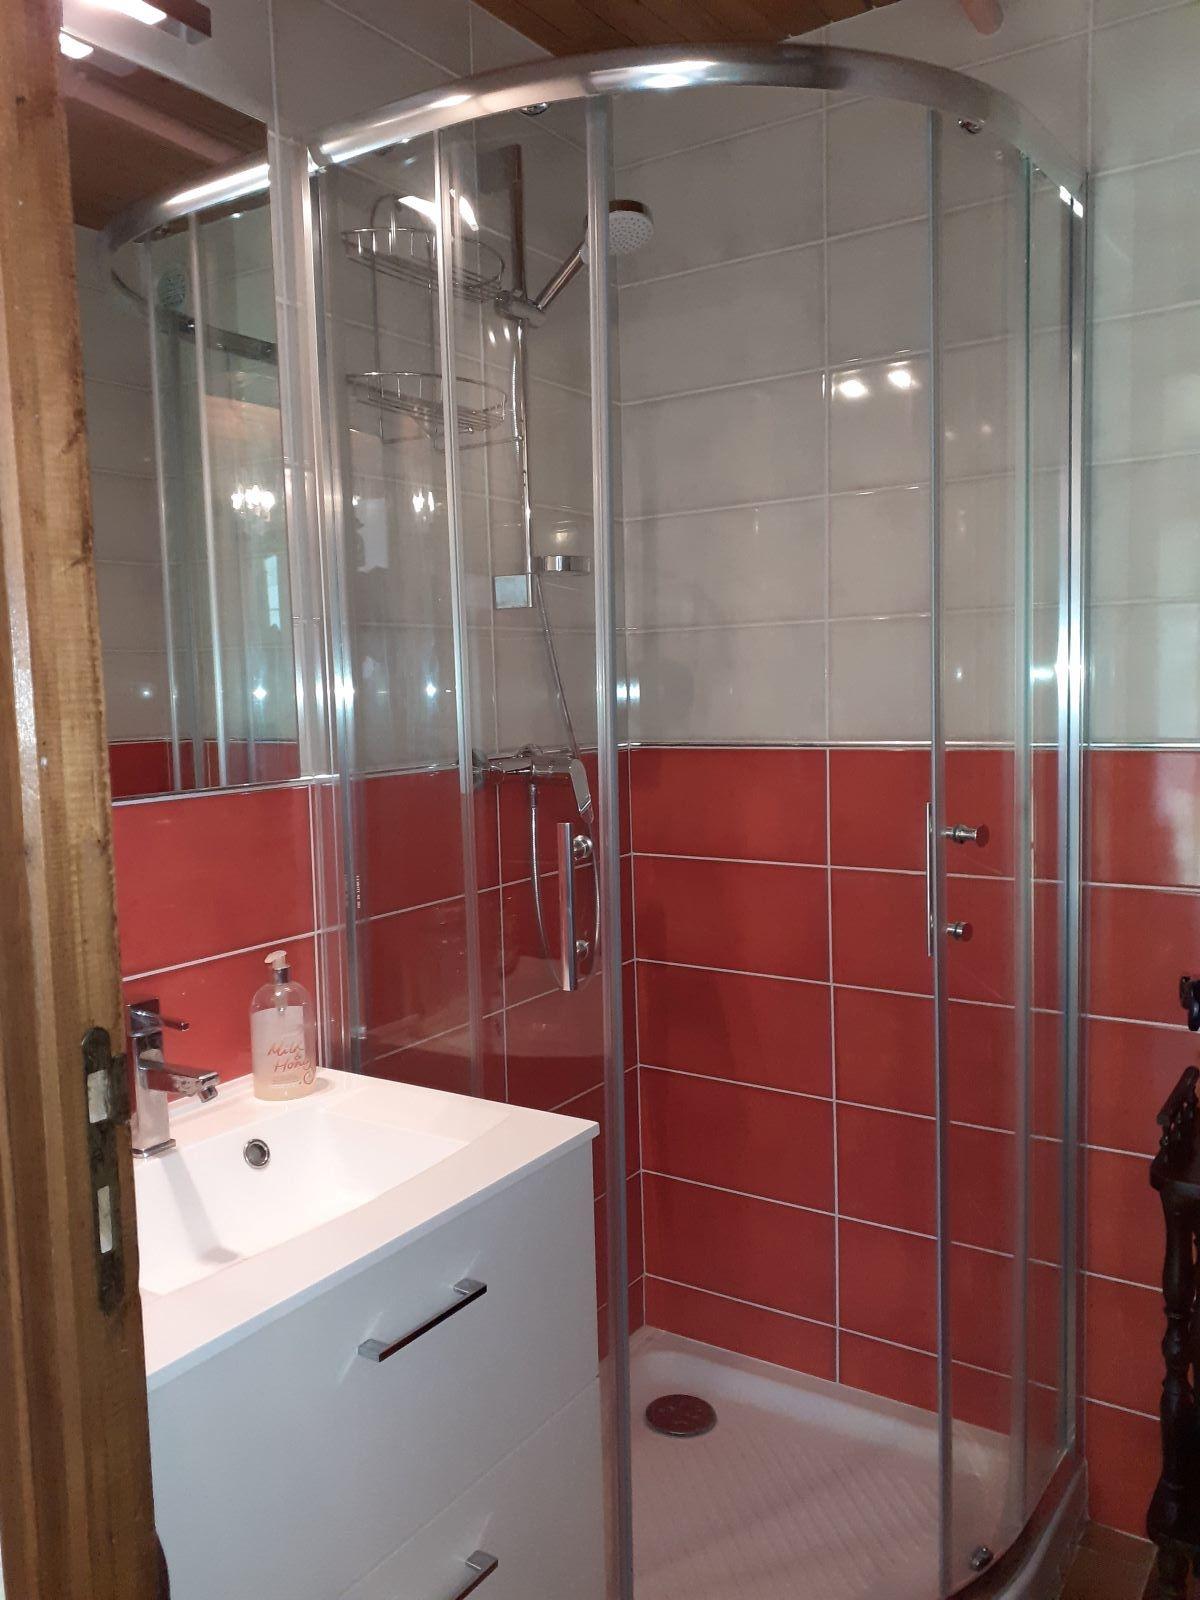 20200717 105537 - ANCELLE T3 DE 35 m² (6 COUCHAGES) EN REZ-DE-CHAUSSÉE AVEC GRAND JARDIN